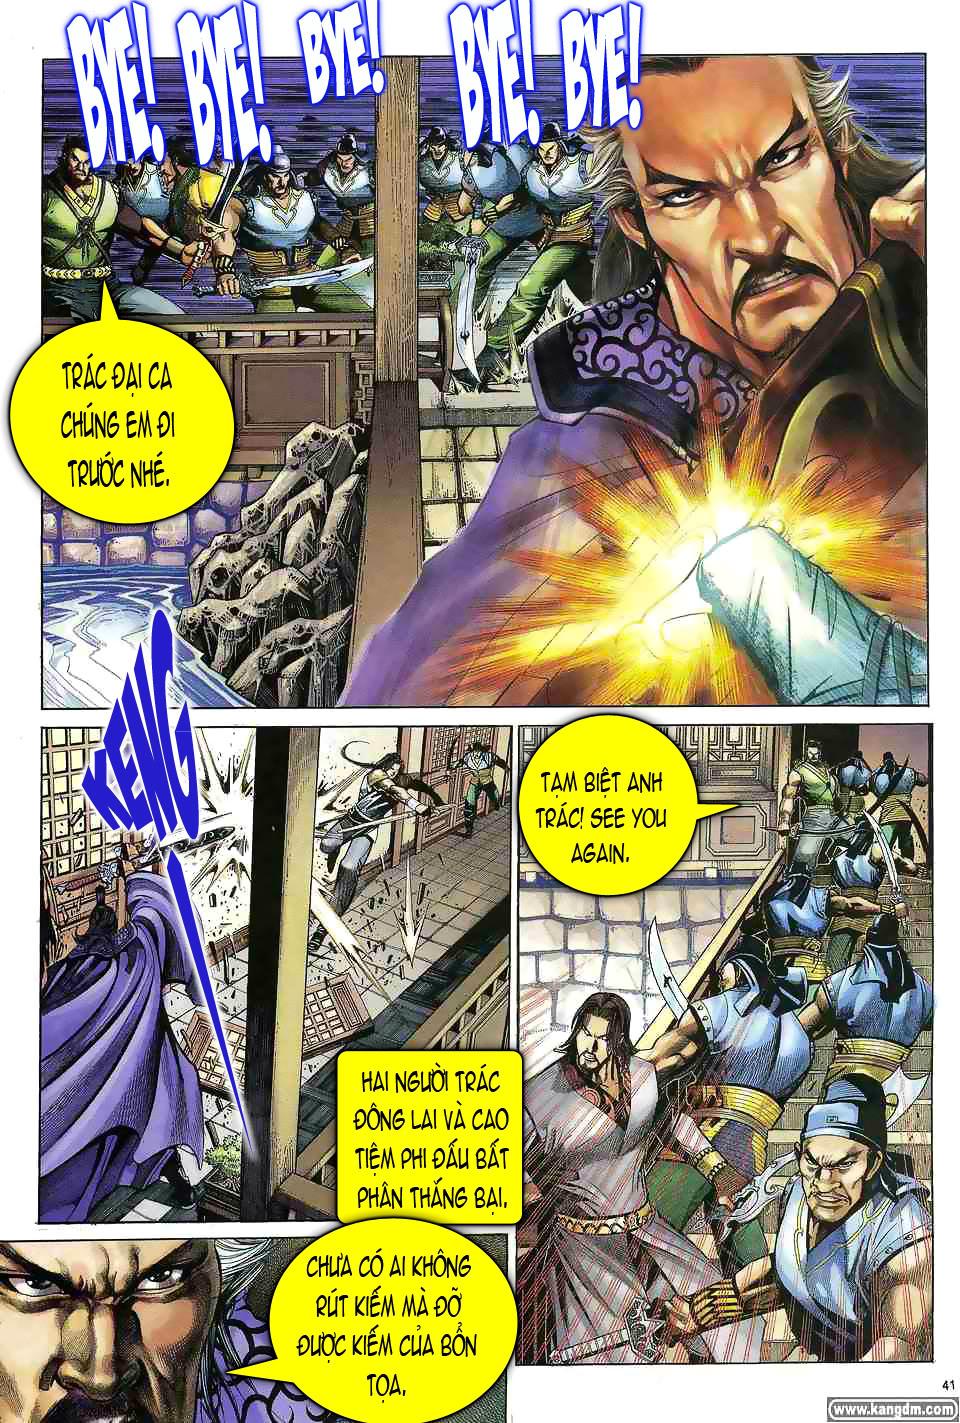 Anh hùng vô lệ chap 1 trang 40